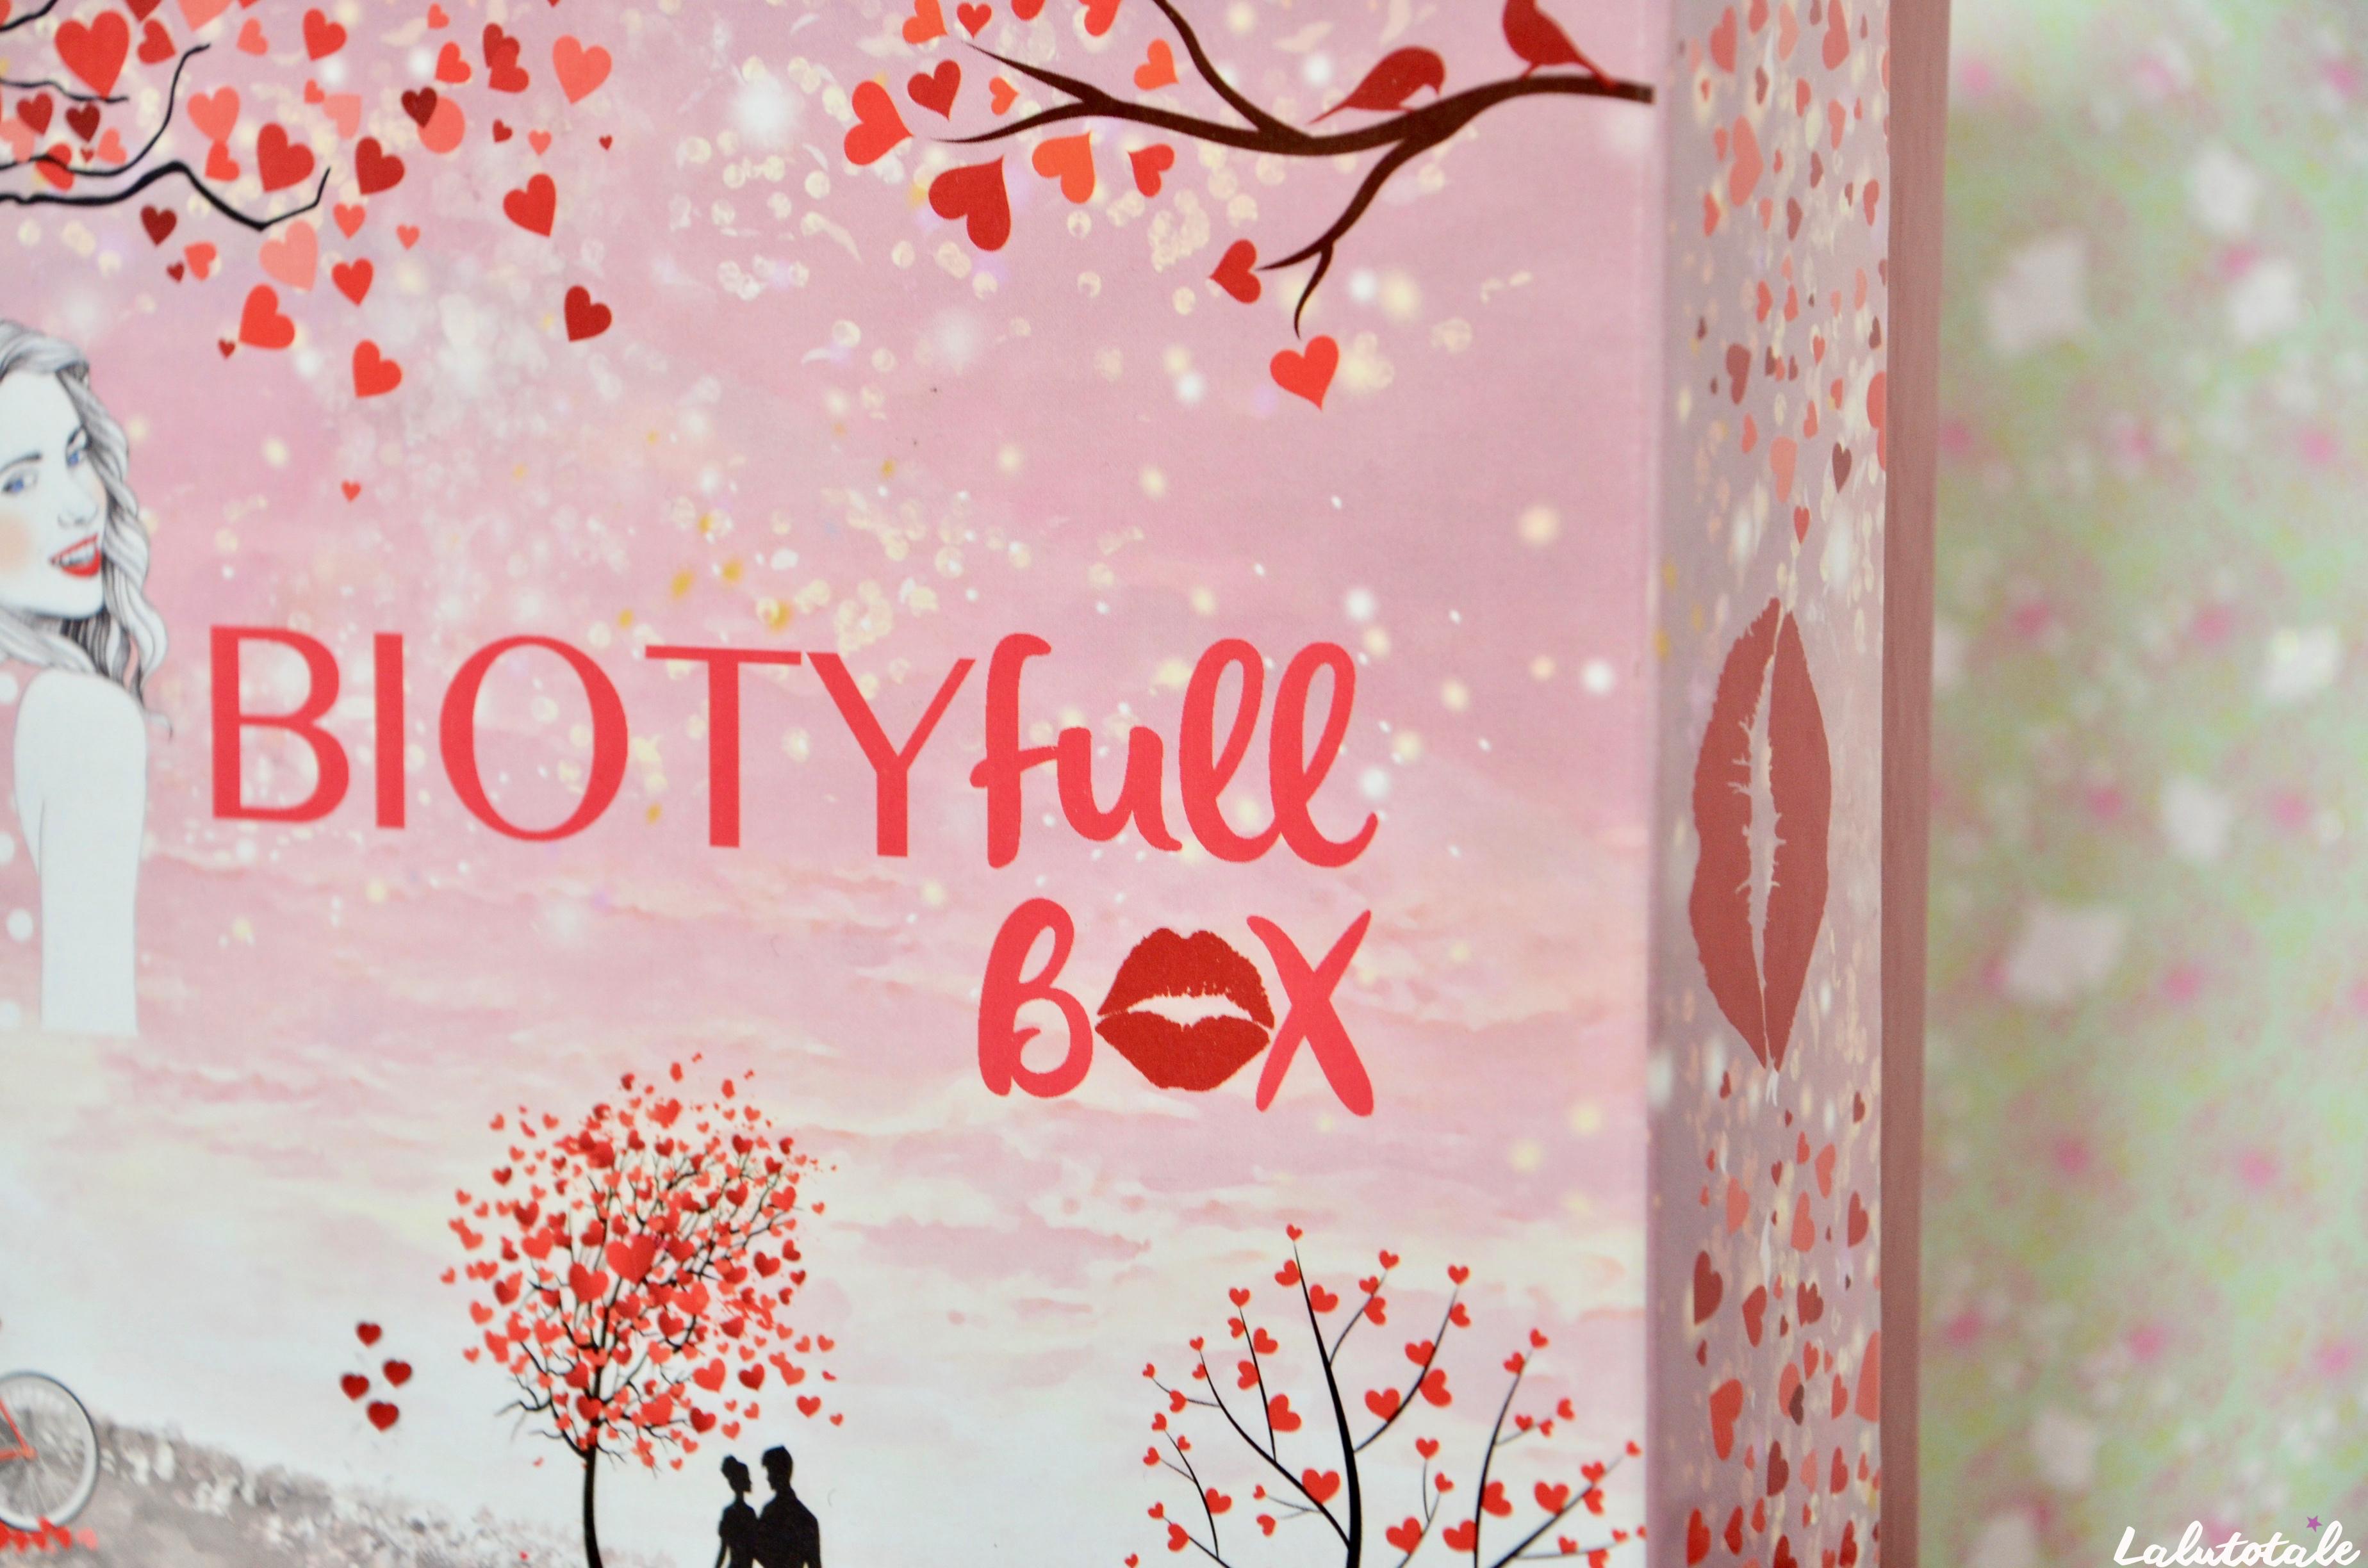 ( BIOTYFULL BOX ) Dîtes-le avec des coeurs – et des 💋.